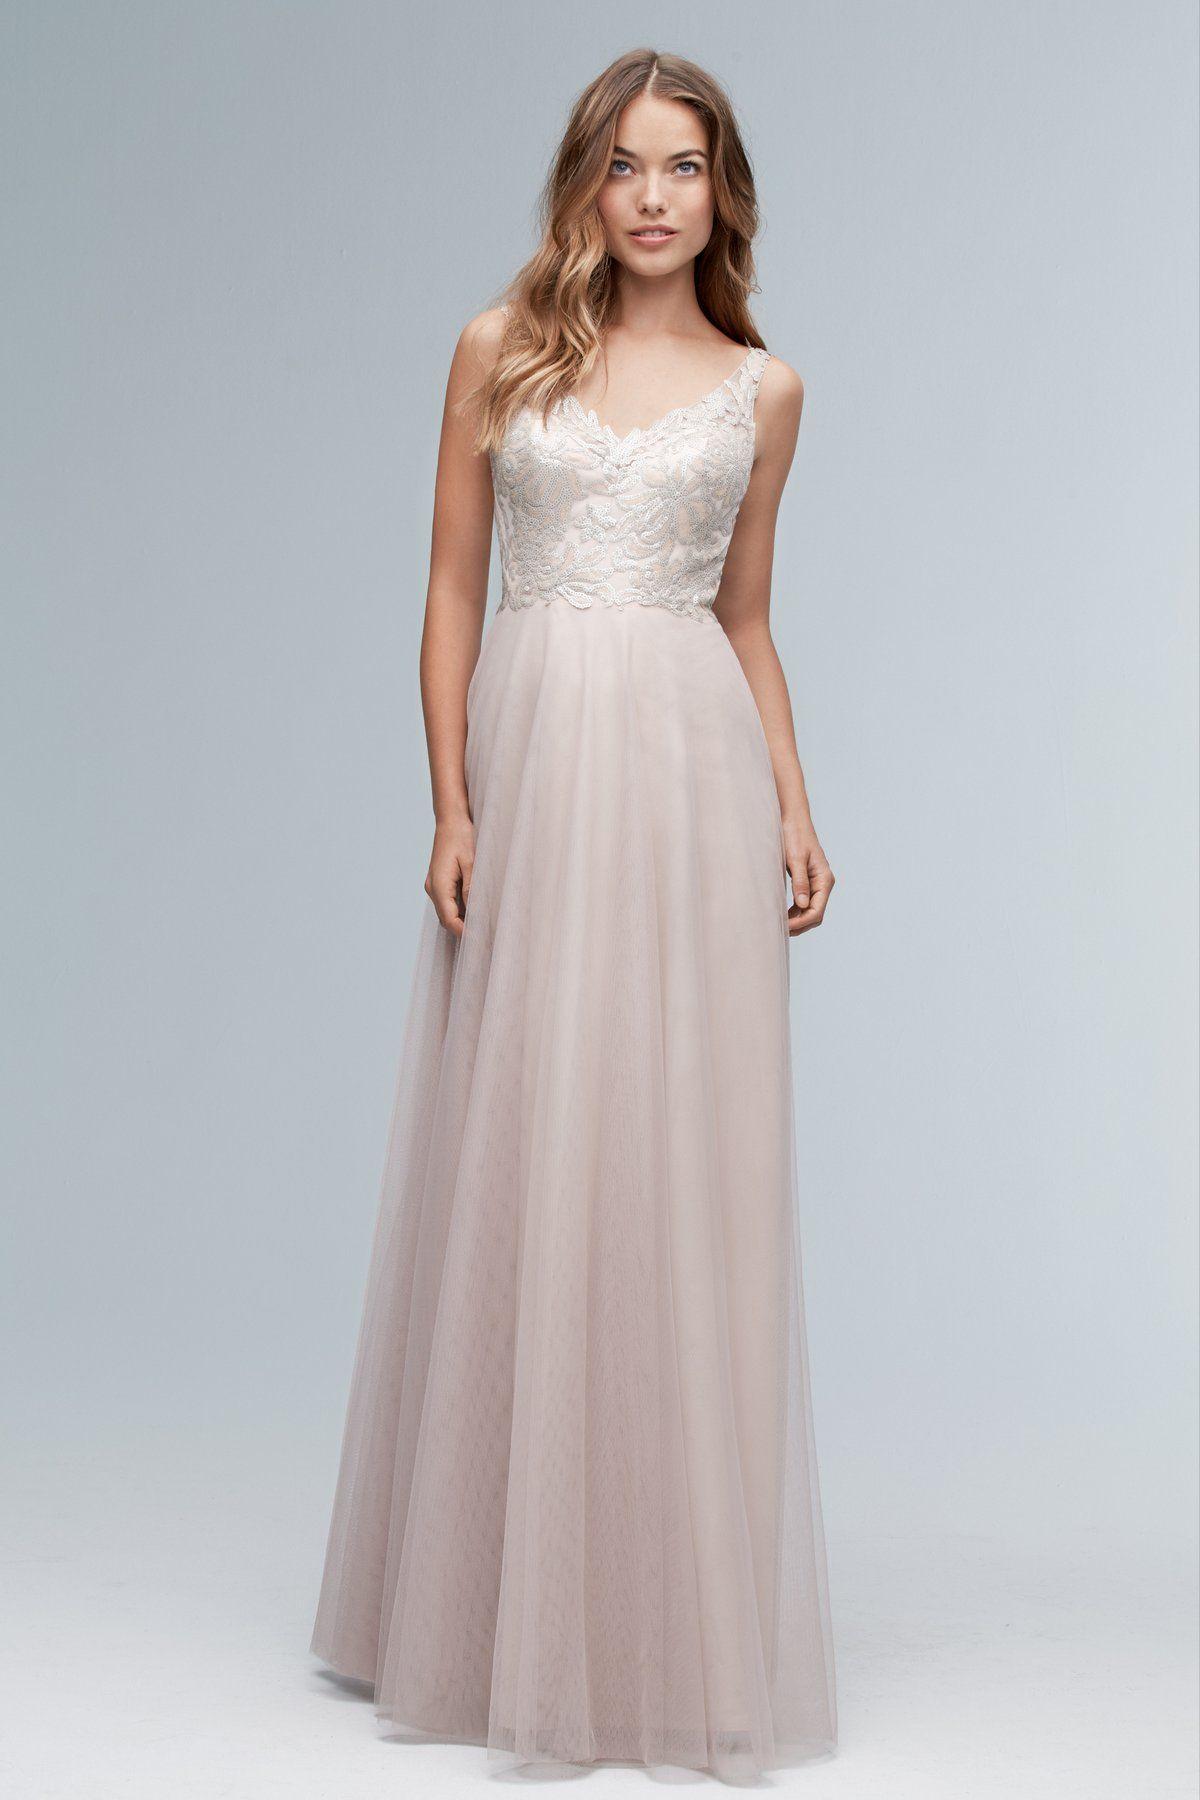 Wtoo Maids Dress 154i At Bella Bianca | Bridesmaid Dresses ...